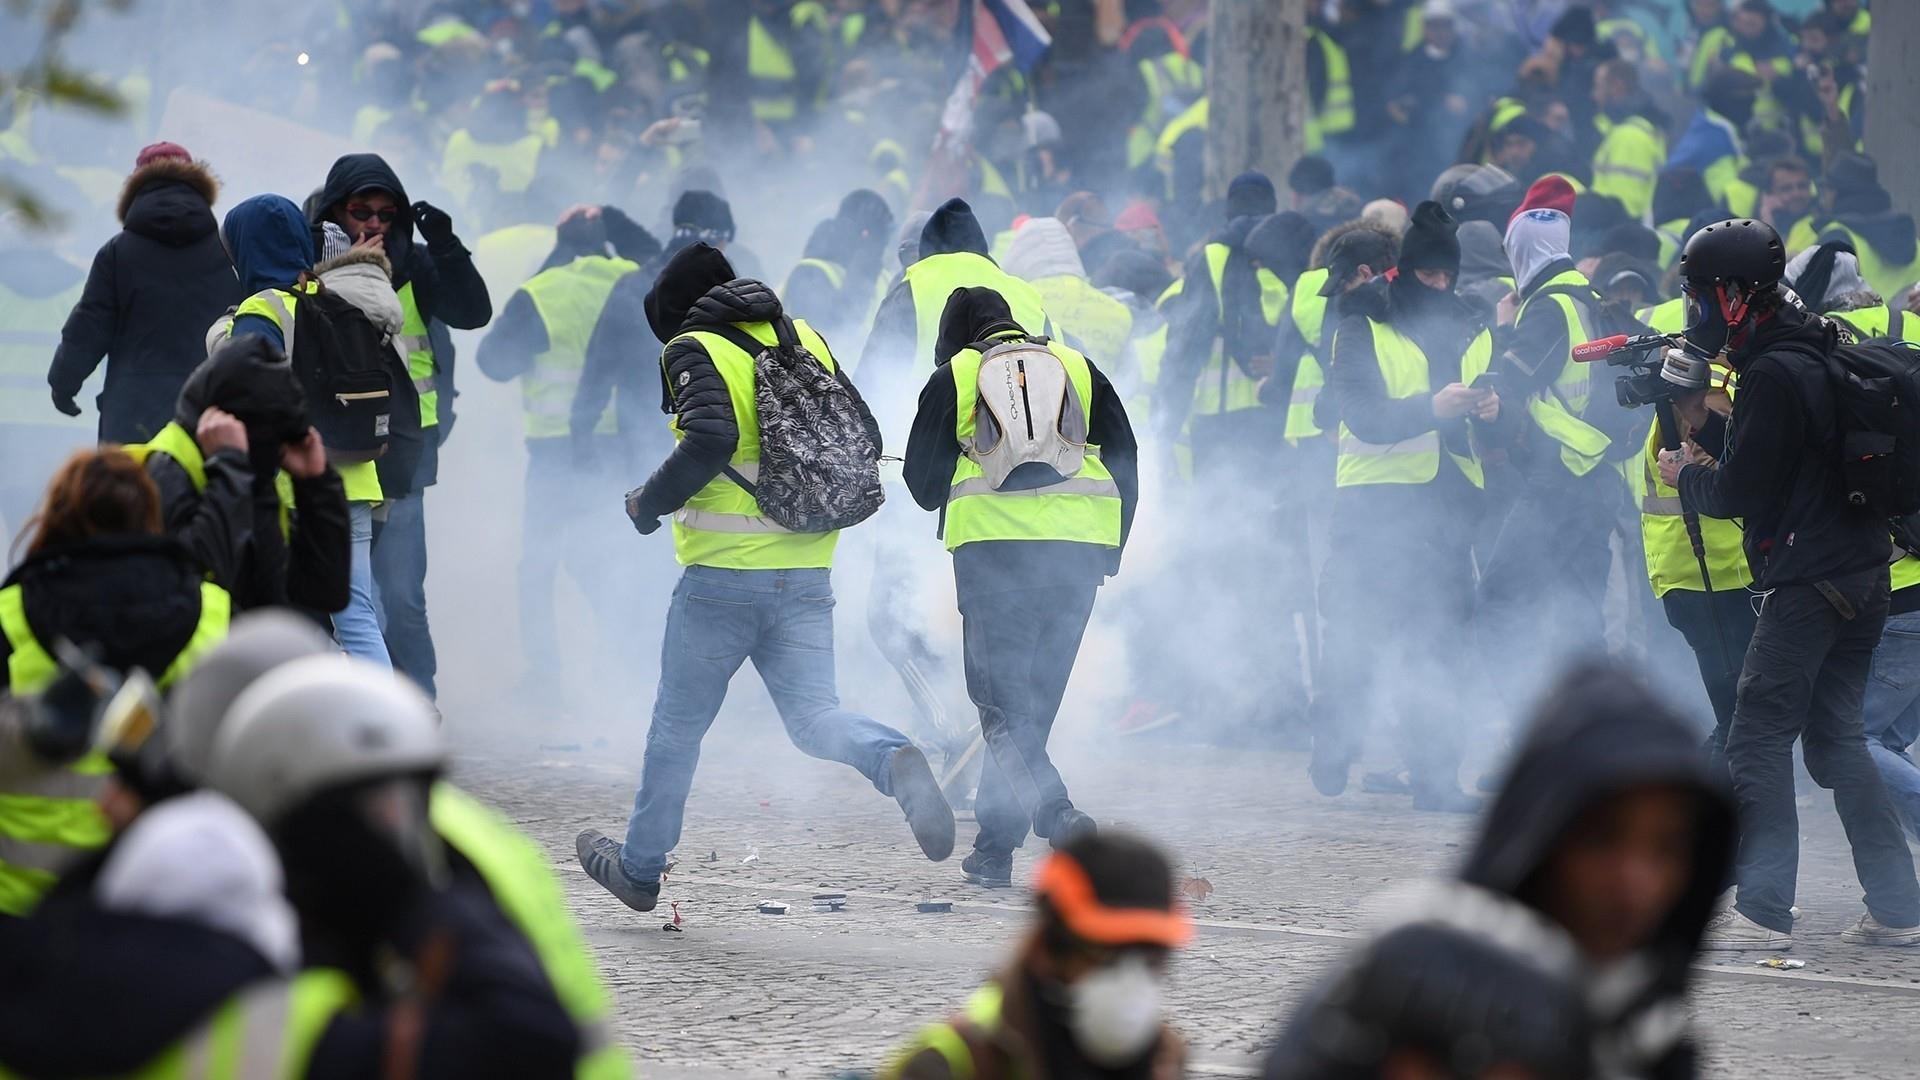 تظاهرات جلیقه زردها به دیگر کشورهای اروپایی کشیده شد/۱۳۸۵ نفر بازداشت و ۱۳۵ نفر مجروح شدند+تصاویر - 14